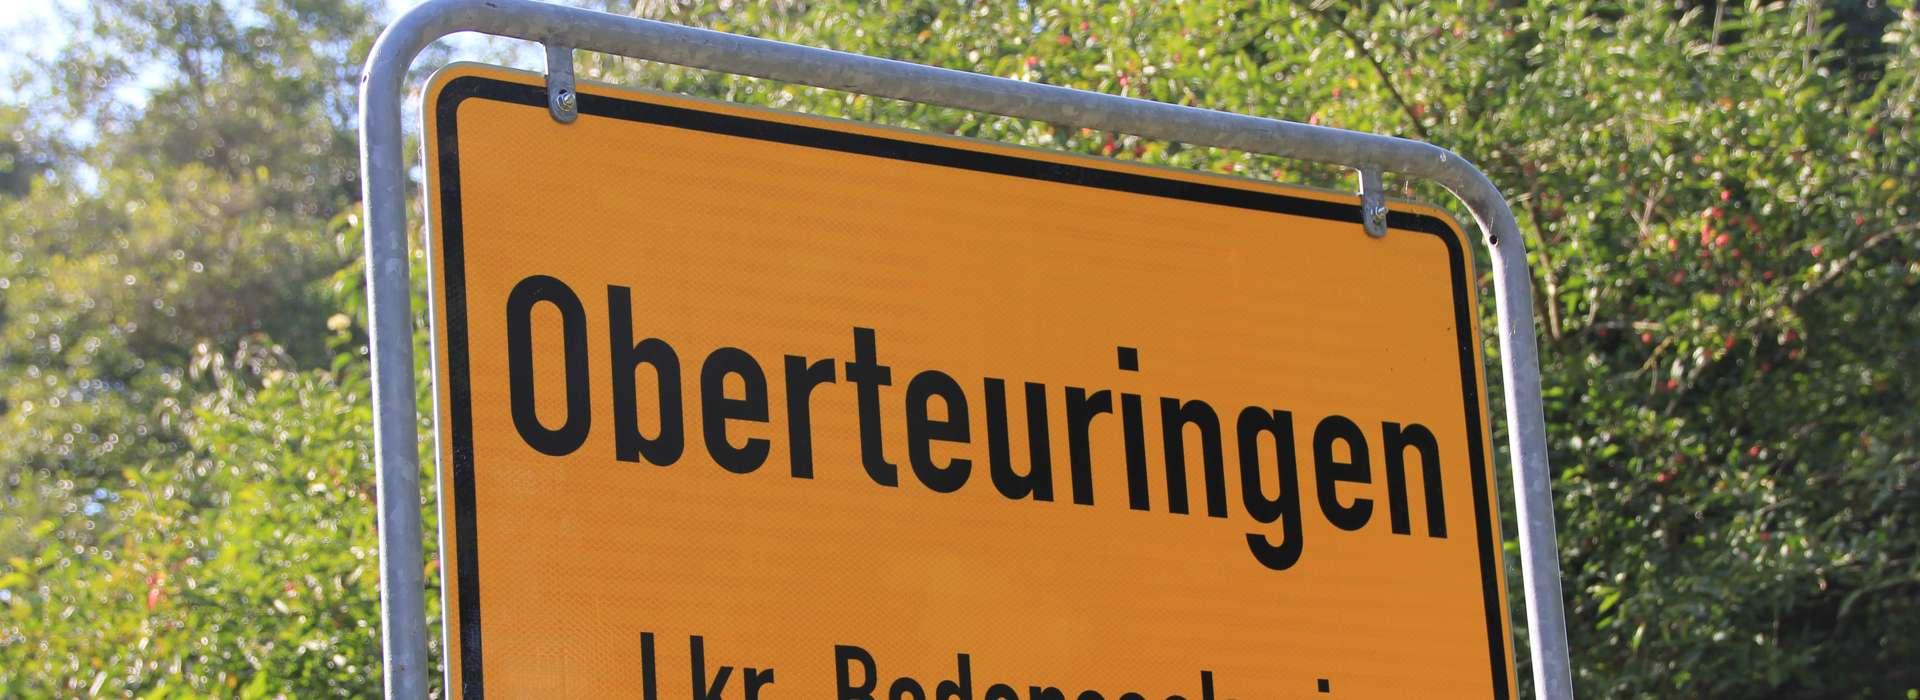 Oberteuringen - Impression der Teuringer Wirtschaft